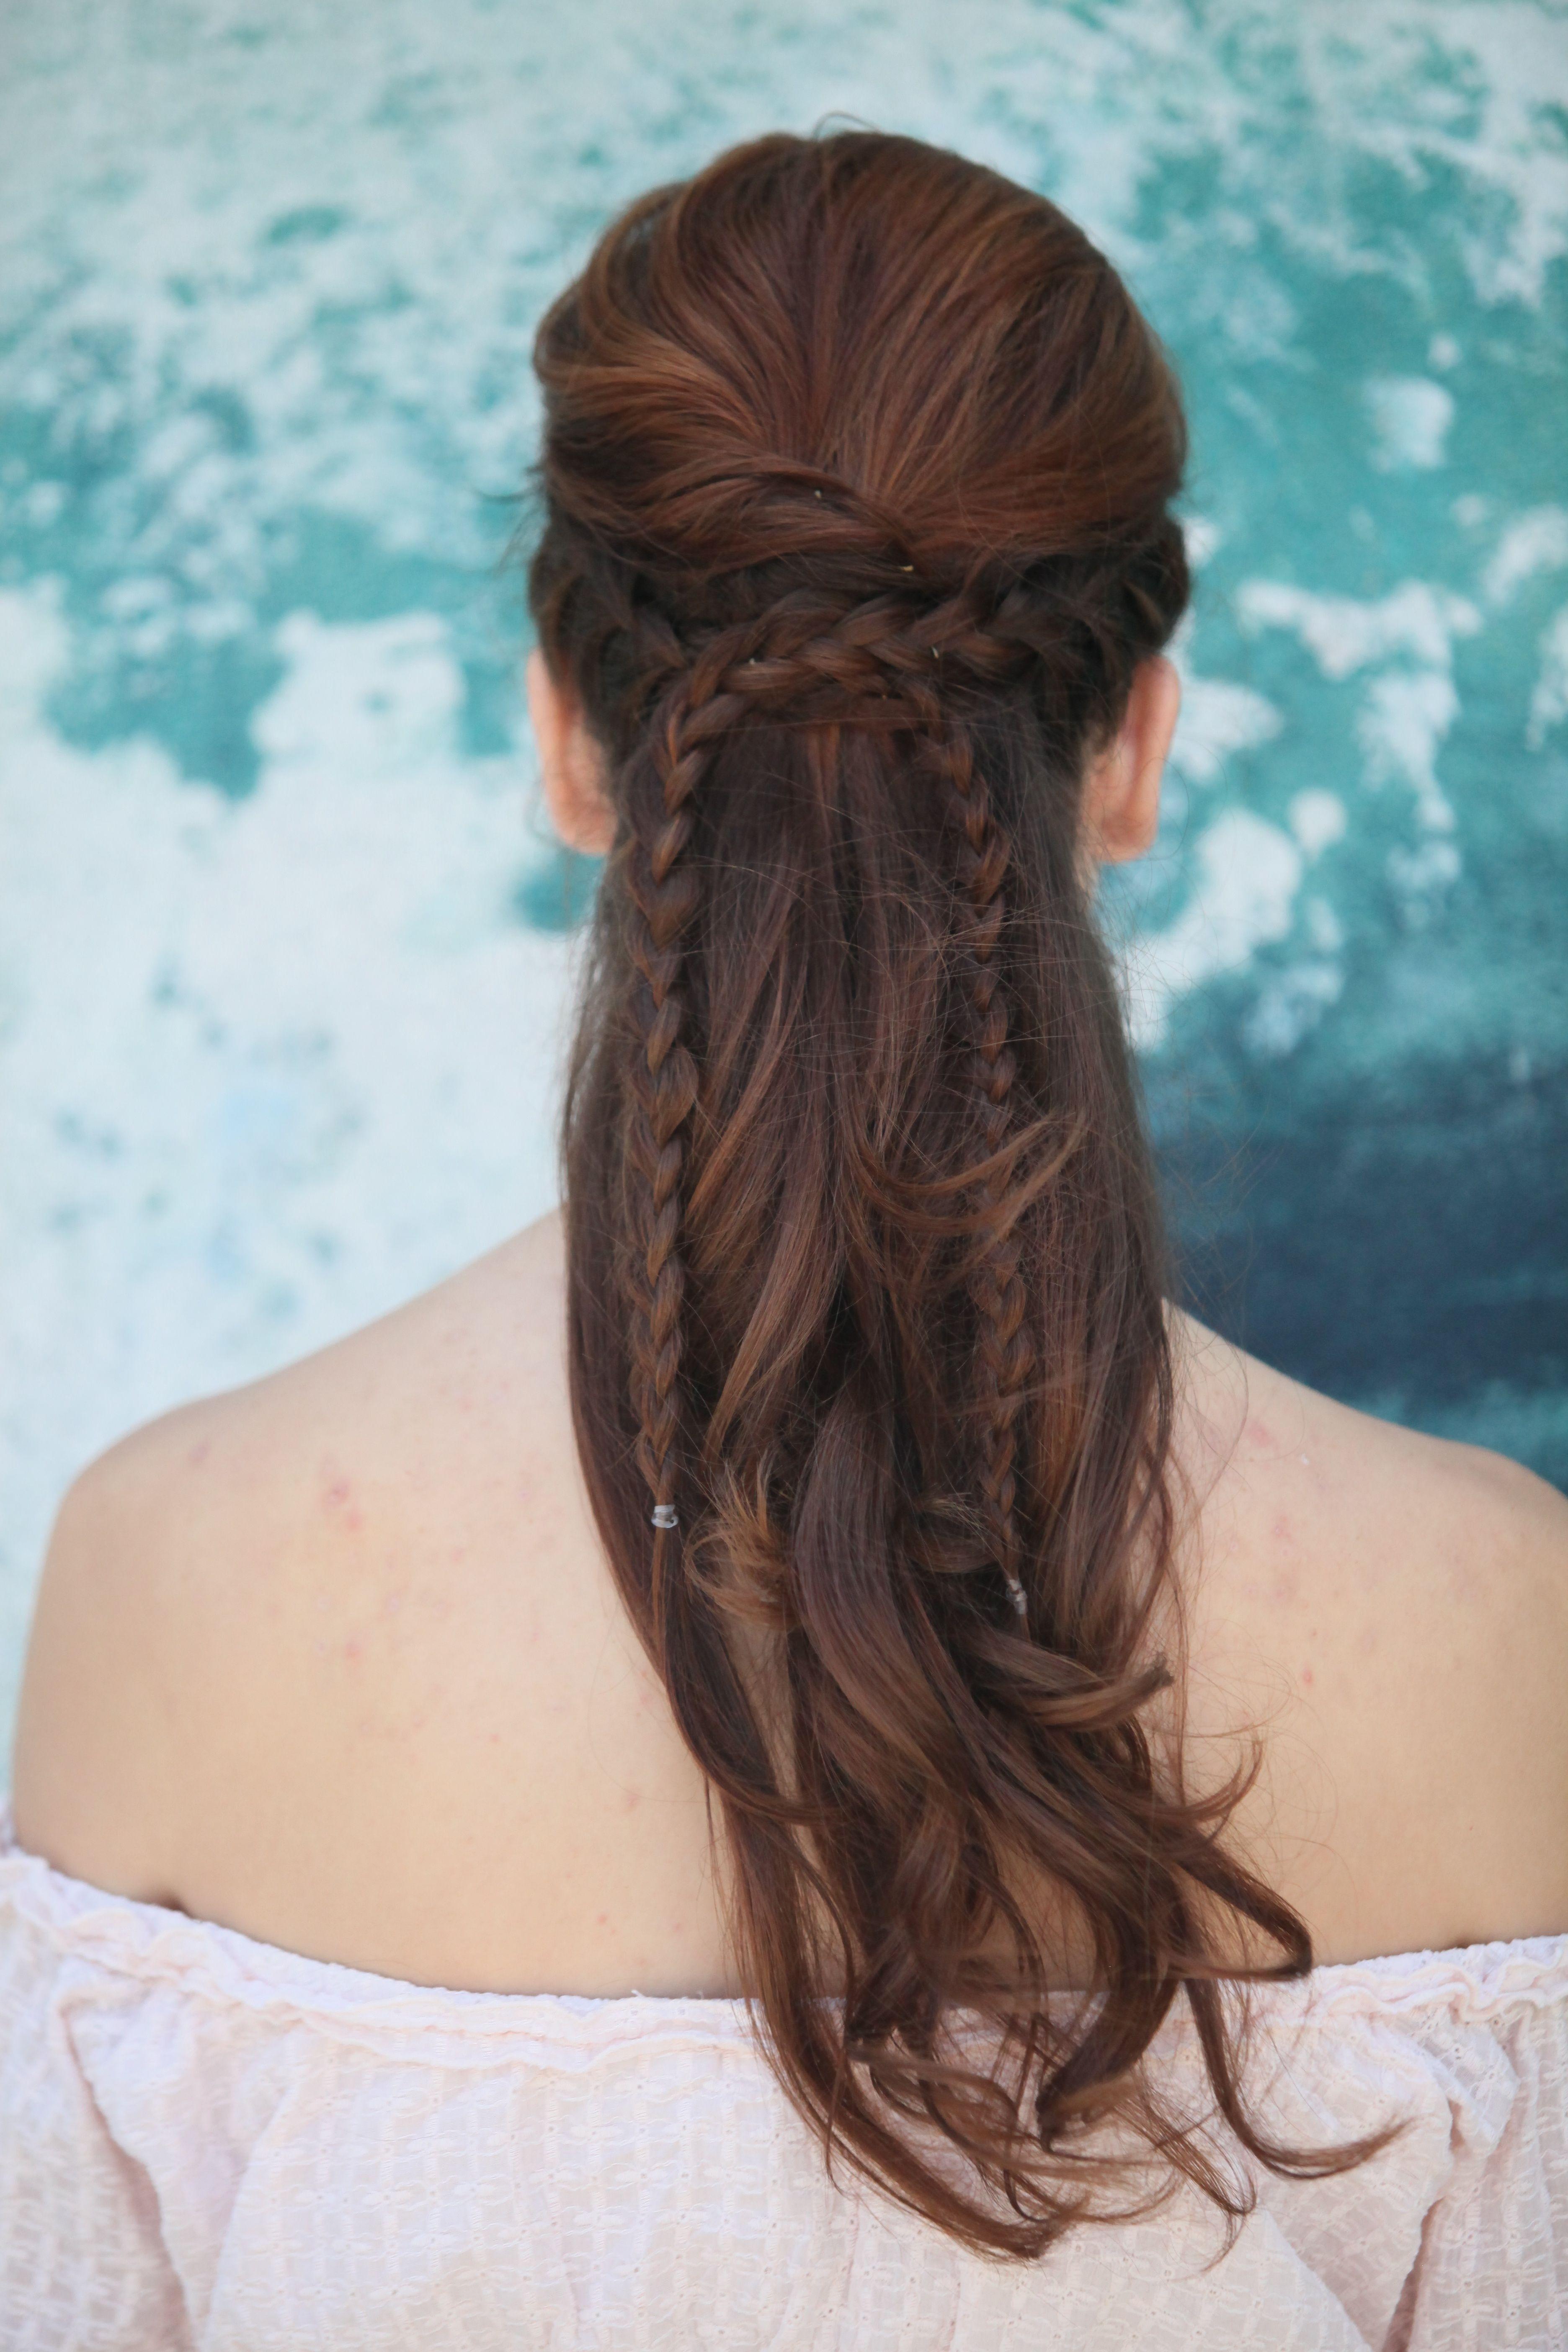 Huntington beach braid bar meleesa the salon braid braids